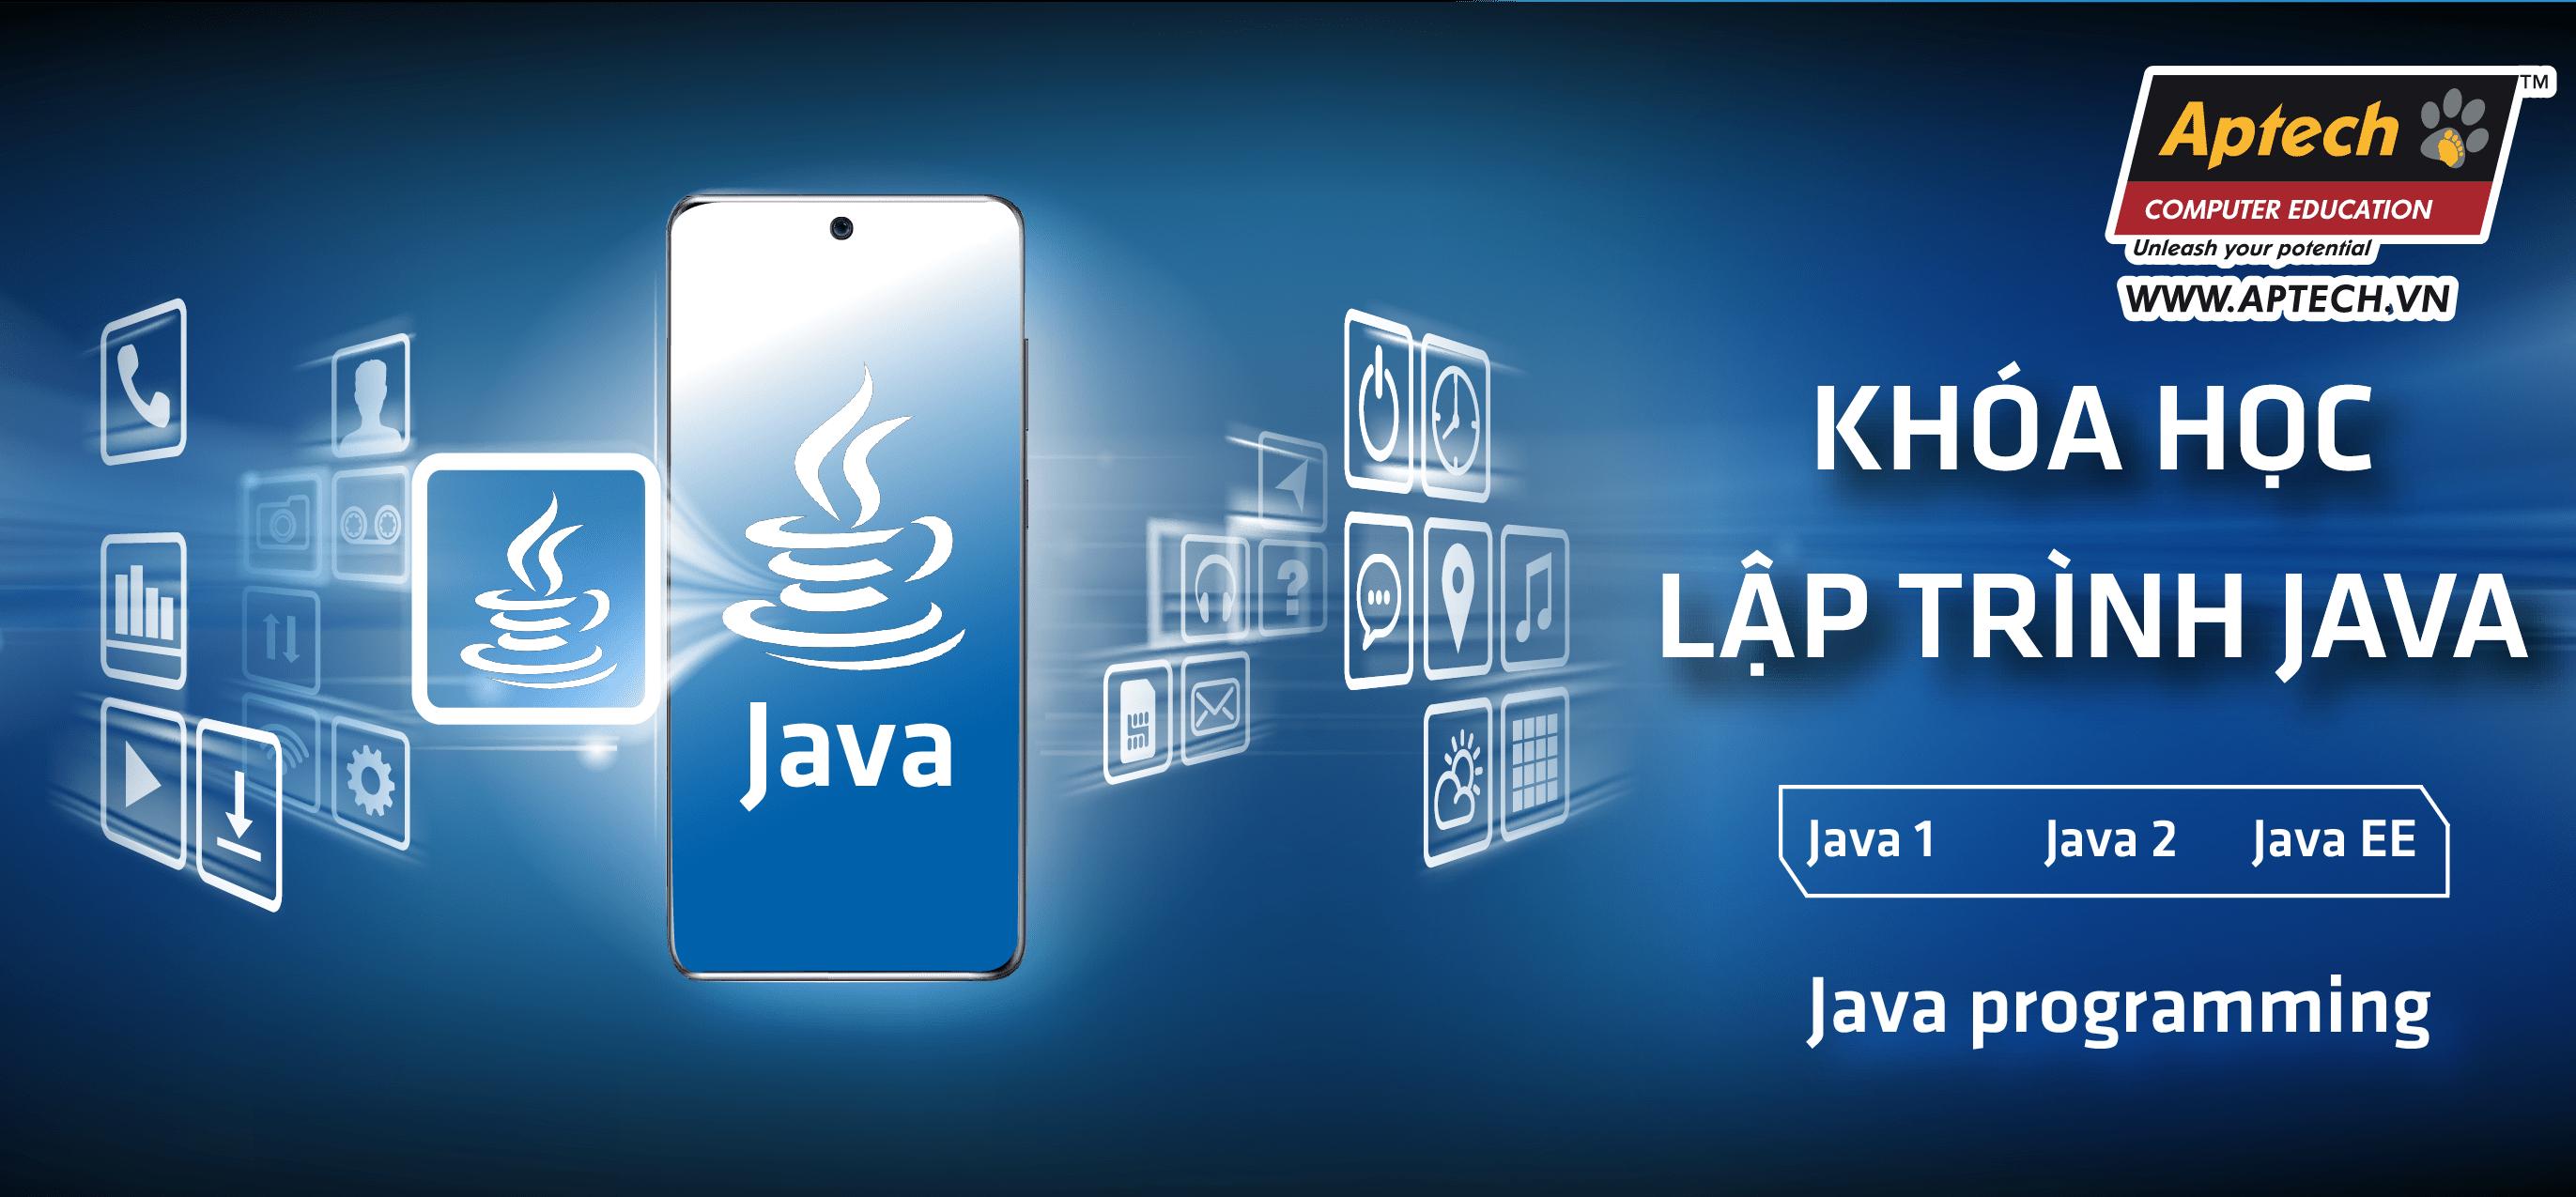 Khóa học Lập trình Java